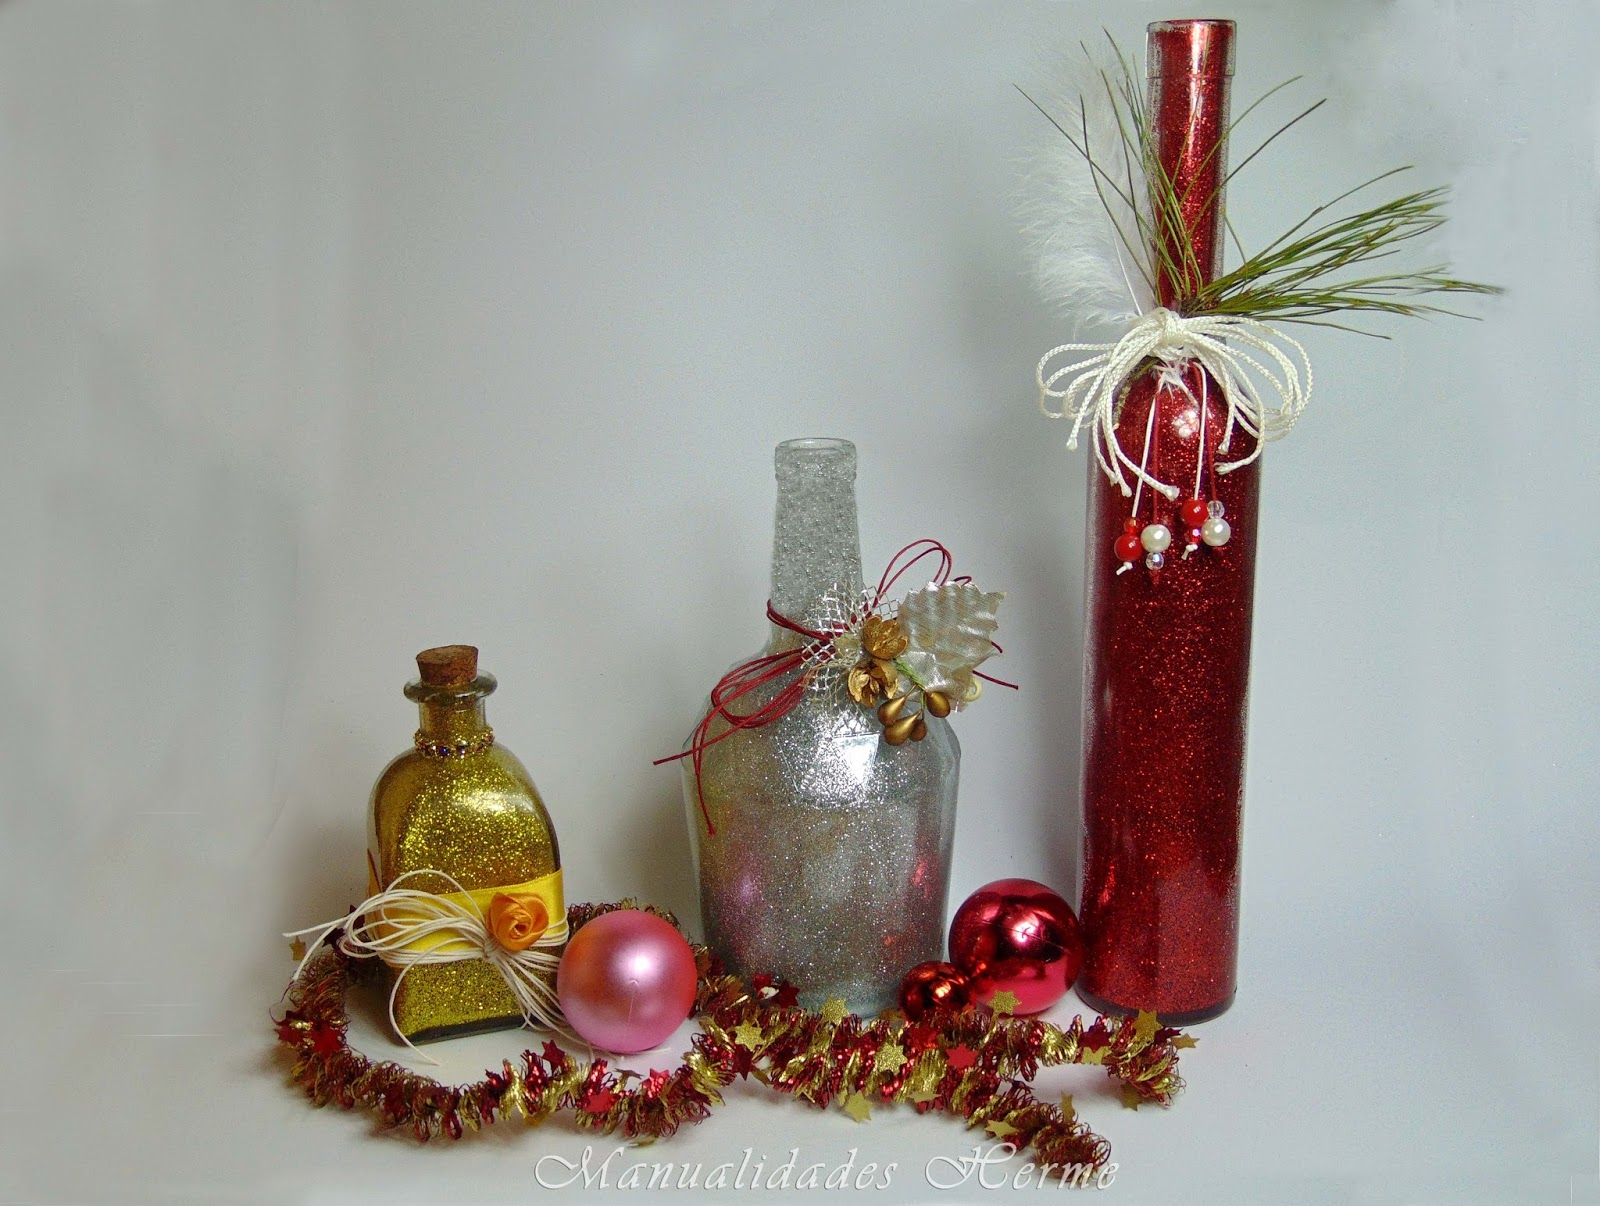 Manualidades herme diy botella decorada para navidad - Como adornar en navidad ...